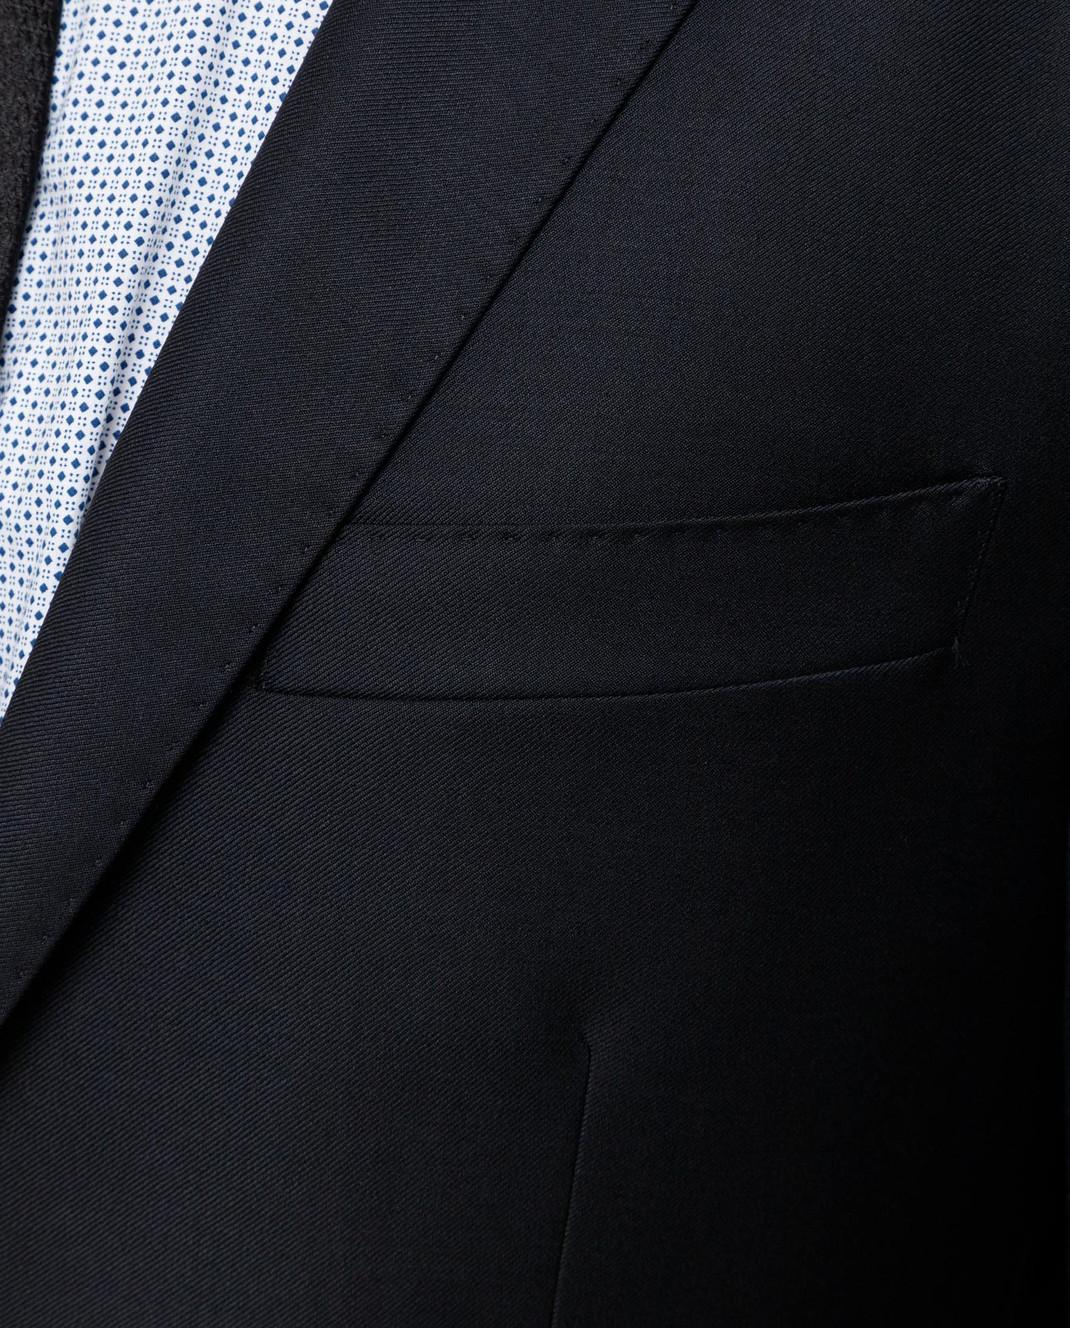 Fradi Темно-синий костюм 192AJ8005874 изображение 5